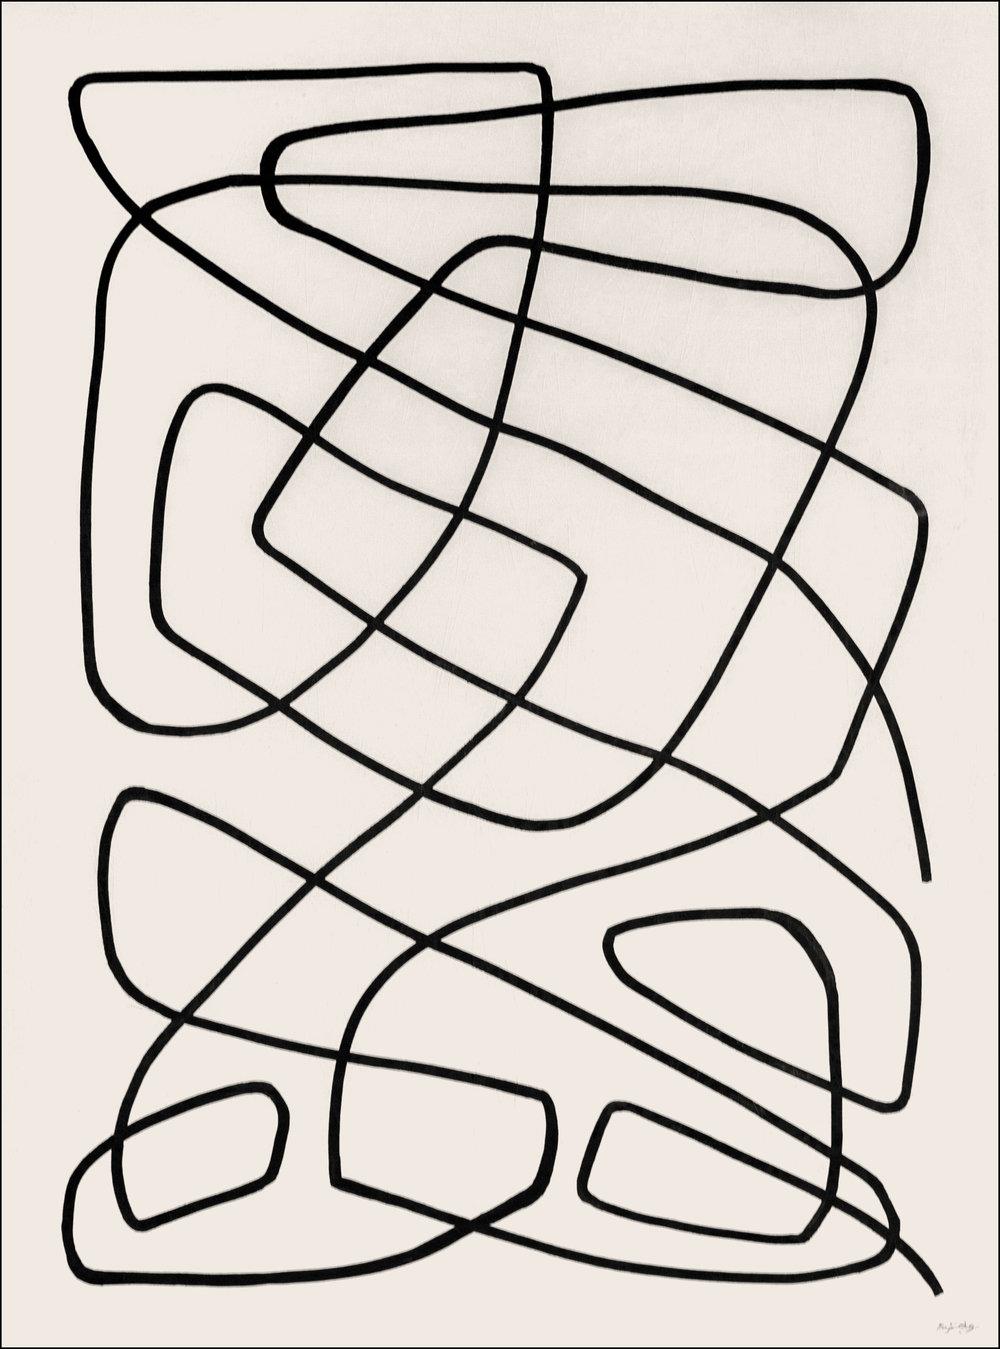 Seek  - 2018 - Acrylic on Canvas -36 x 48 Inches (91.4 x 121.9cm) - $3,600 USD